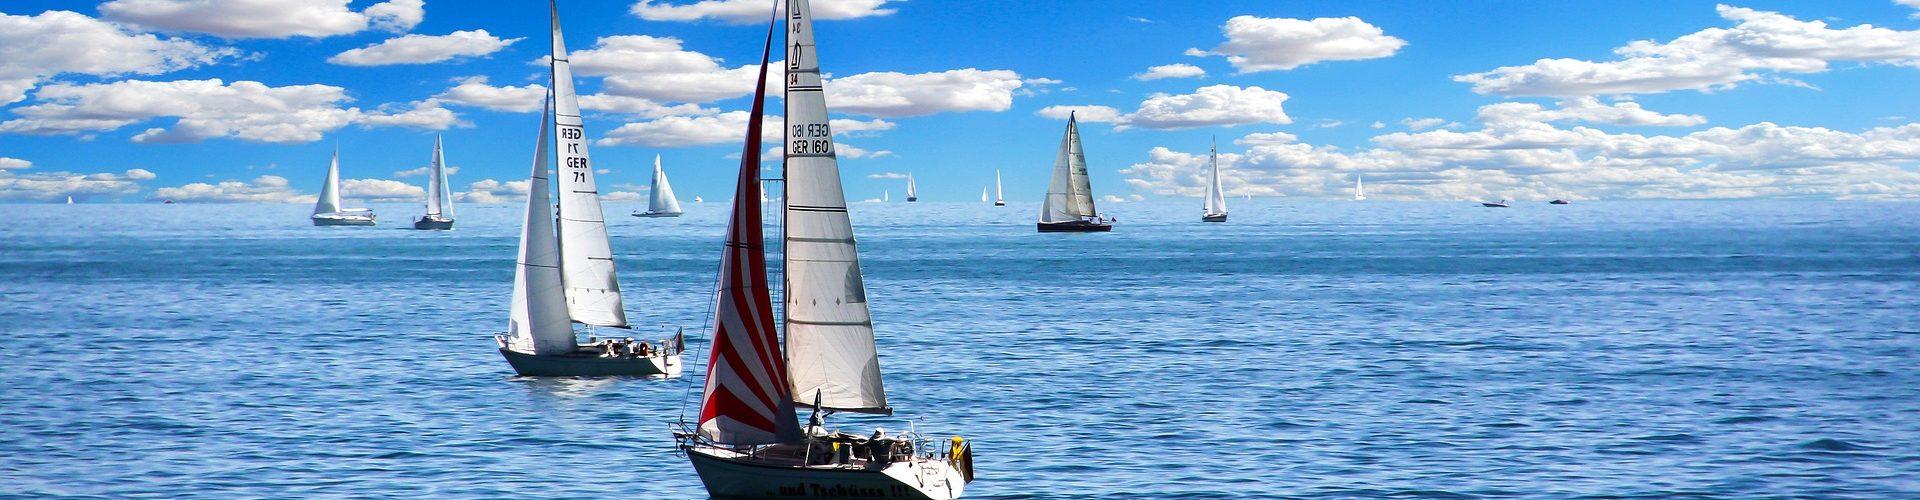 segeln lernen in Lahnstein segelschein machen in Lahnstein 1920x500 - Segeln lernen in Lahnstein